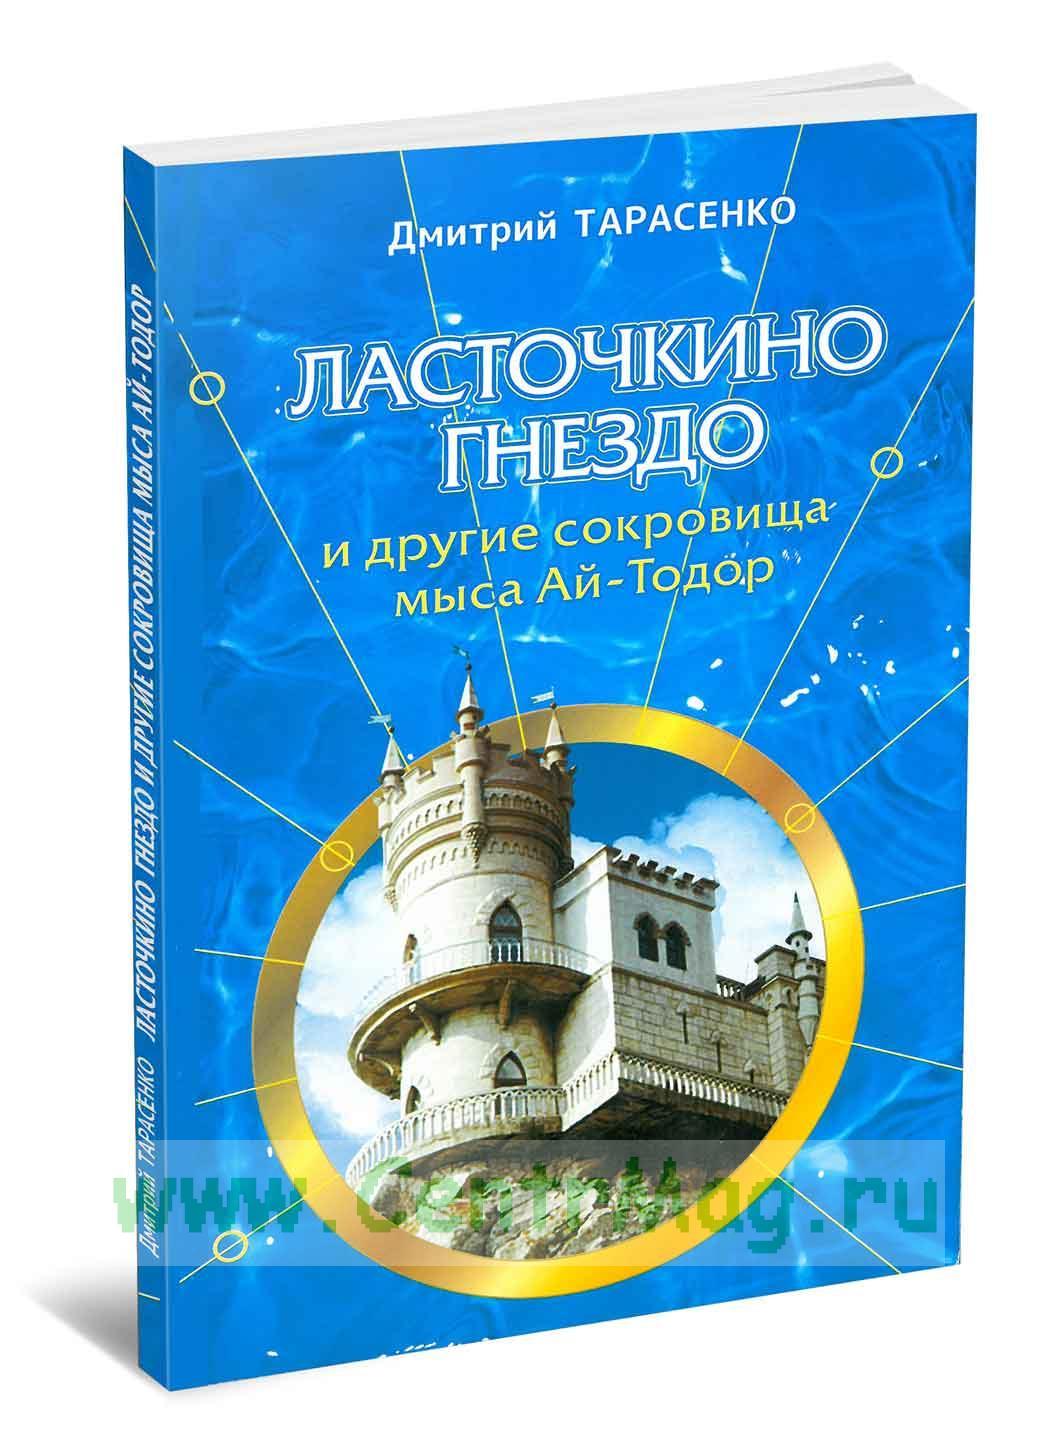 Ласточкино гнездо и другие сокровища мыса Ай-Тодор